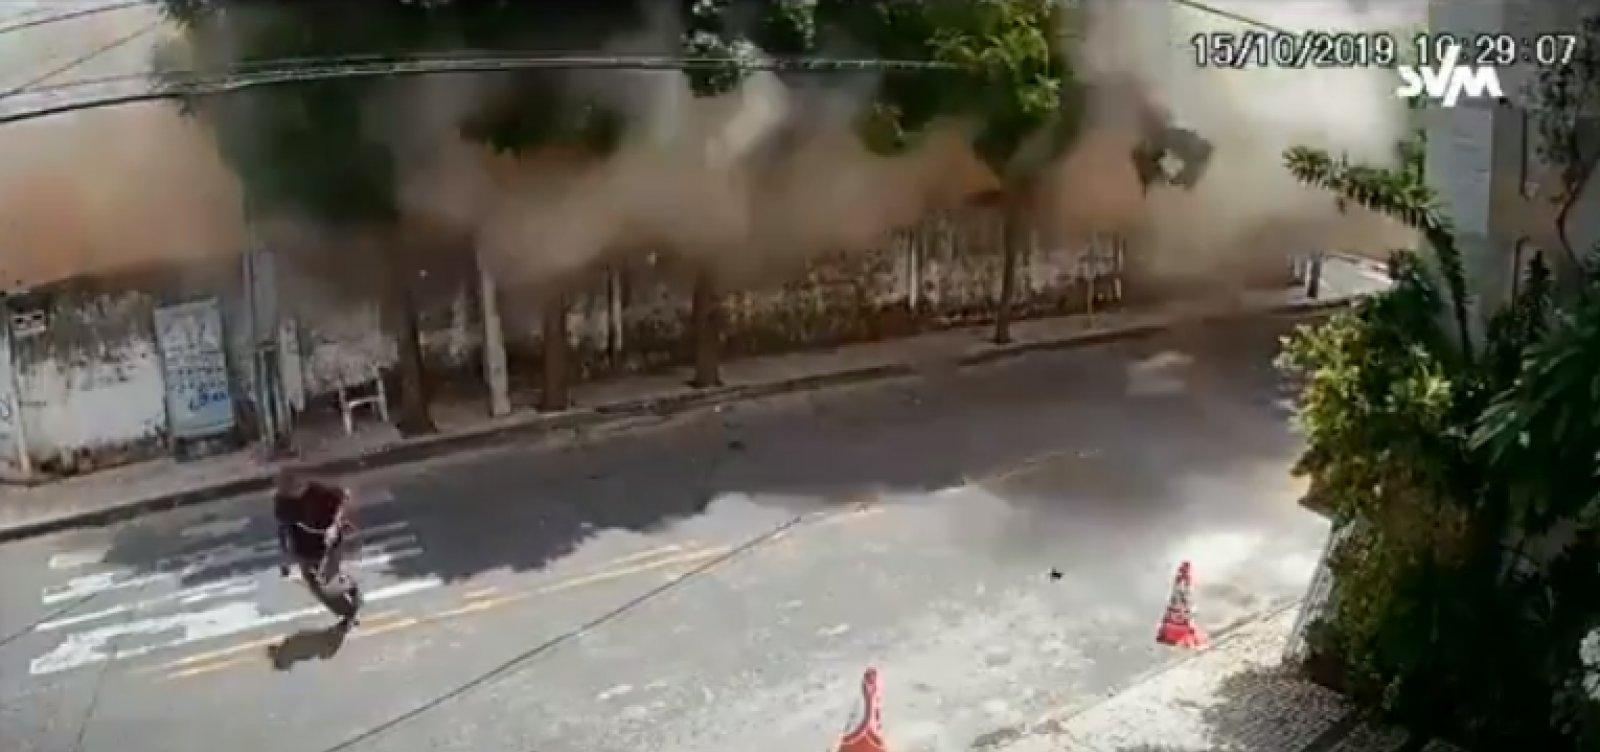 [Novo vídeo mostra momento exato em que prédio desaba em Fortaleza]